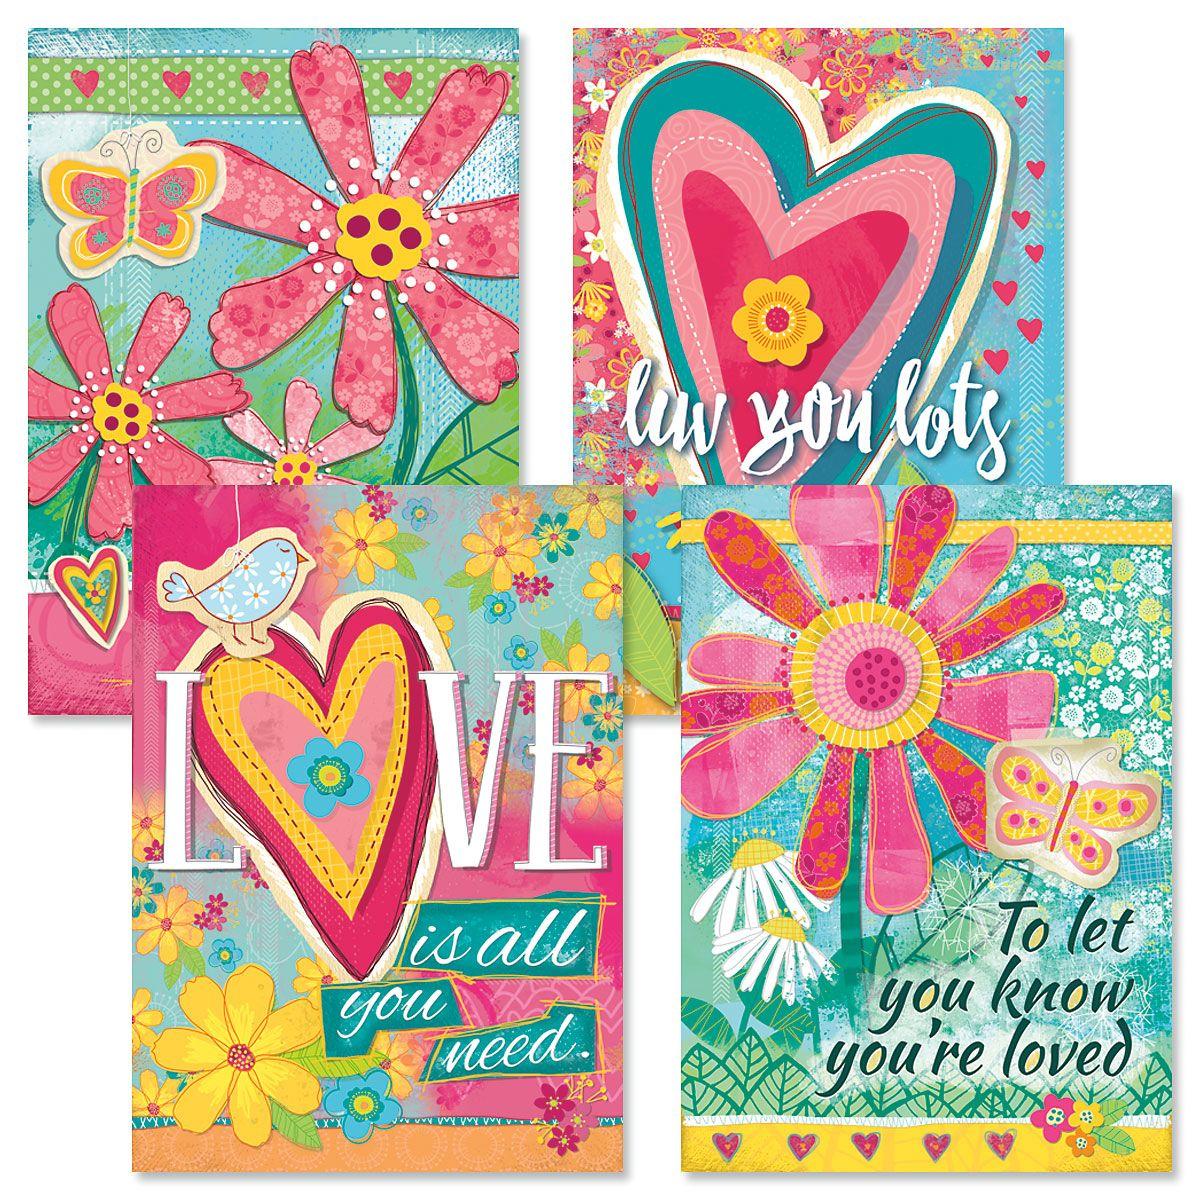 Velvet Girls Valentines Day Cards